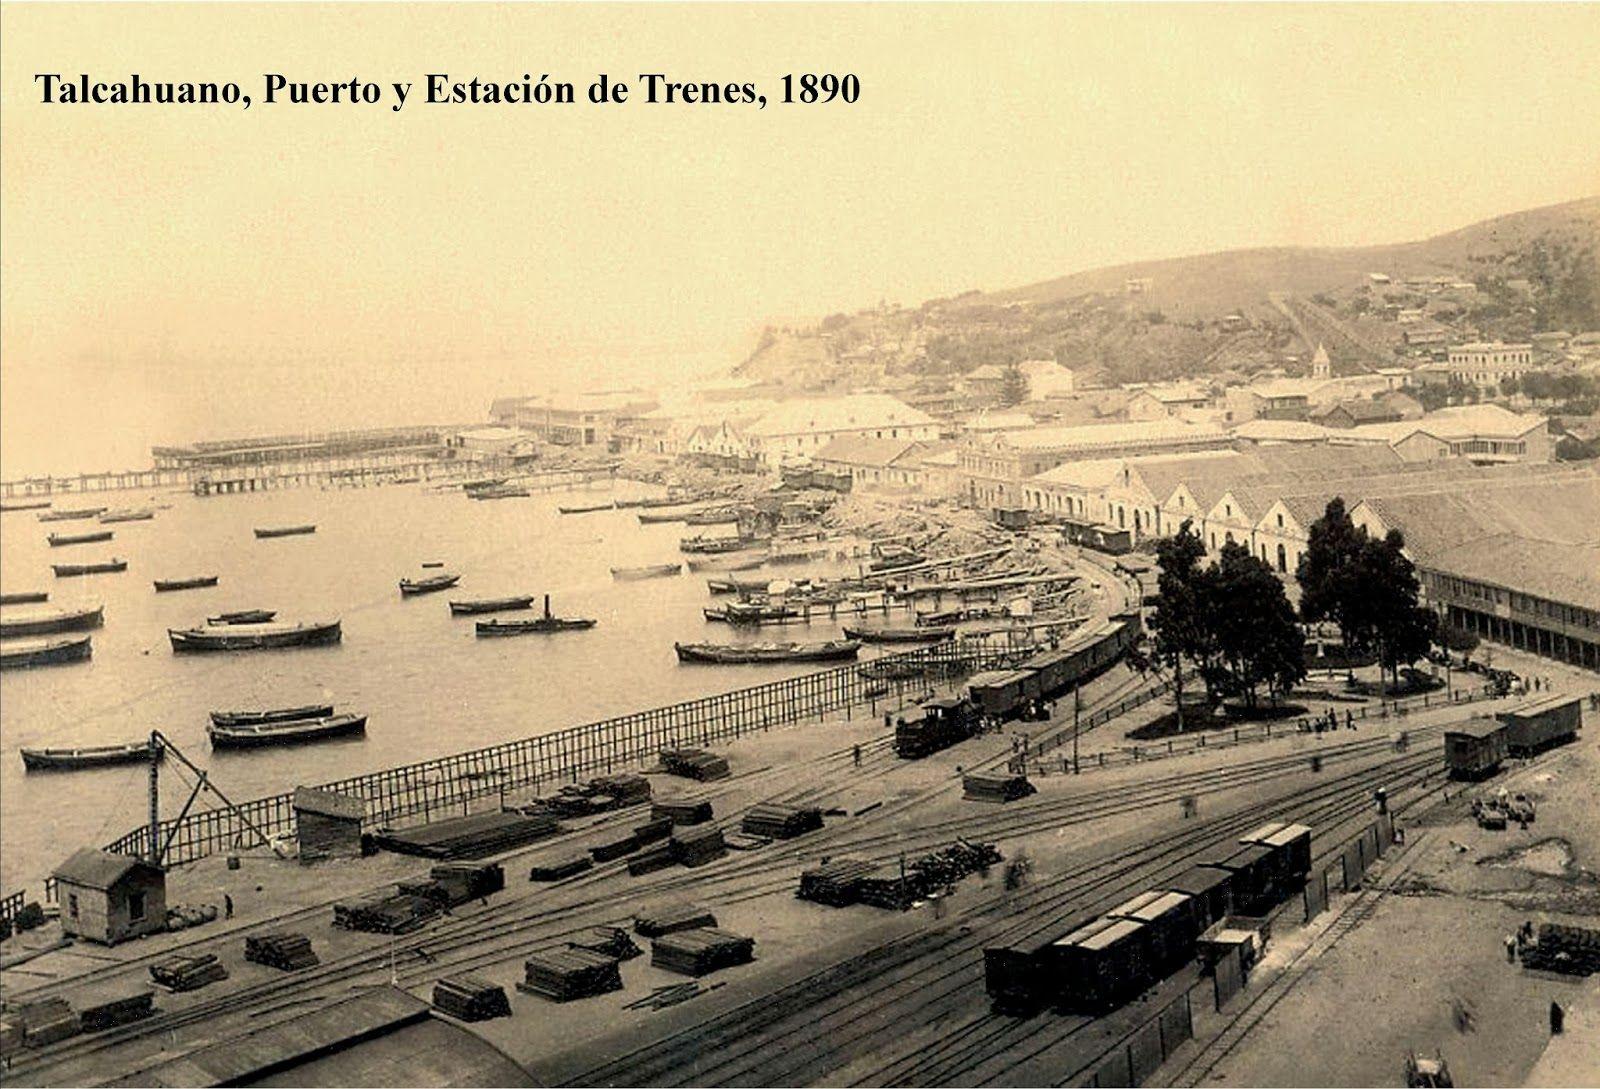 Talcahuano 1890